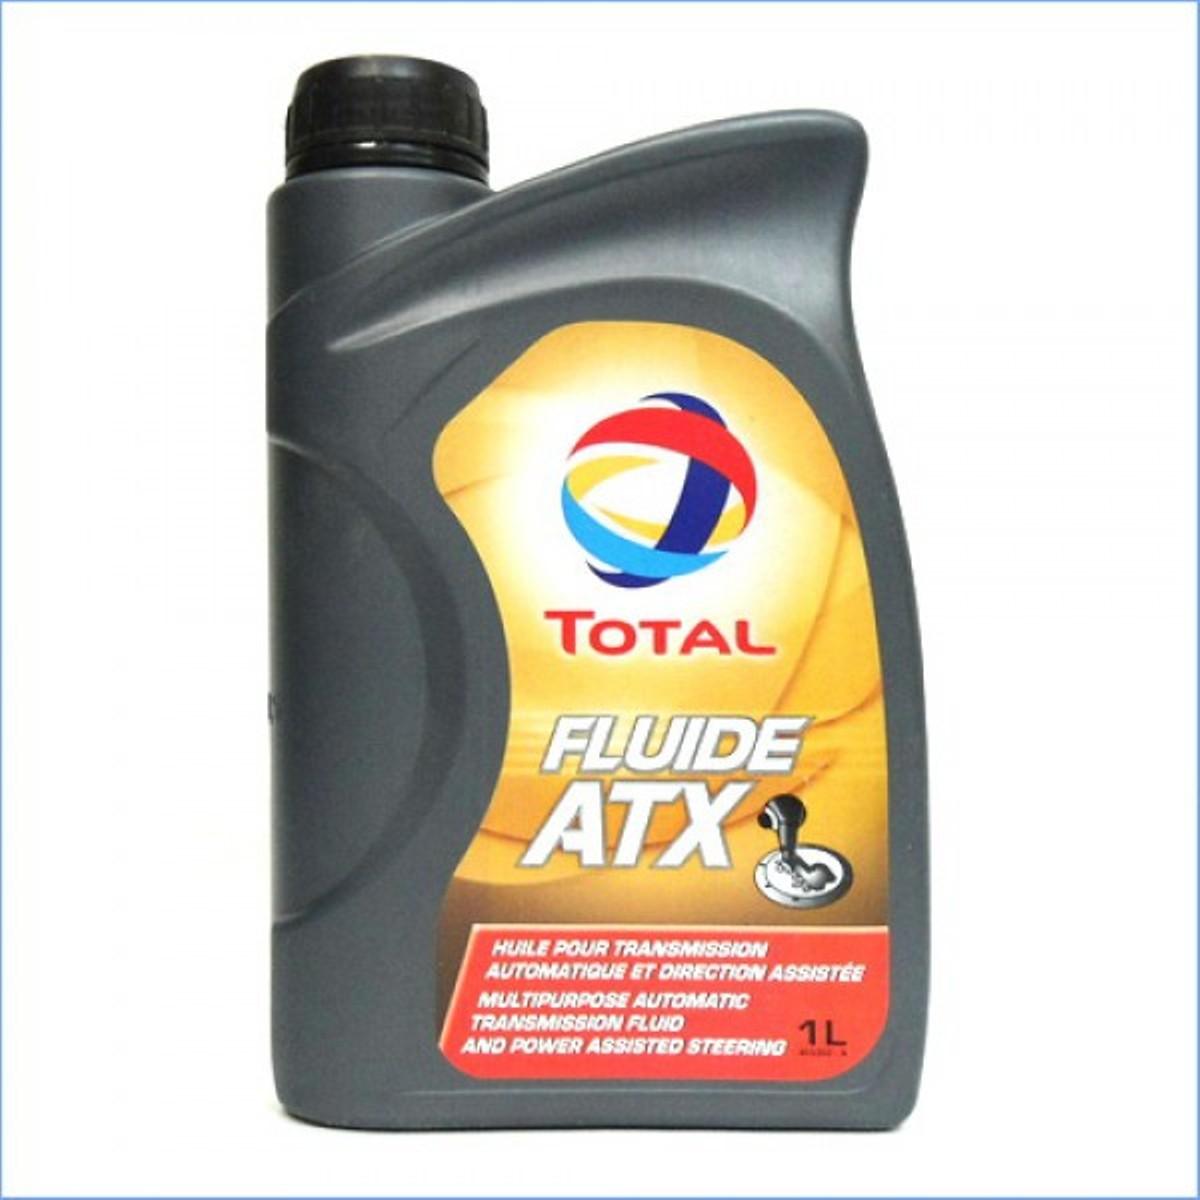 Трансмиссионное масло Total Fluide ATX, 1 л2706 (ПО)Жидкость для автоматических трансмиссий. очень высокий индекс вязкости, обеспечивающий плавную и устойчивую работу во всем температурном интервале. высокая термическая стабильность, разрешающая поддерживать стабильность других свойств во всем интервале рабочих температур,DEXRON-IID MERCON,BMW GROUP 23 - 3.0 и 24 - 3.0, MAN 339 TYPE Z-1, MAN 339 TYPE V-1, MB-APPROVAL 236.6, VOITH H 55.6335, PSA PEUGEOT CITROEN S71 2102, ZF TE-ML 03D, 04D, 09, 11A, 14A, 17C